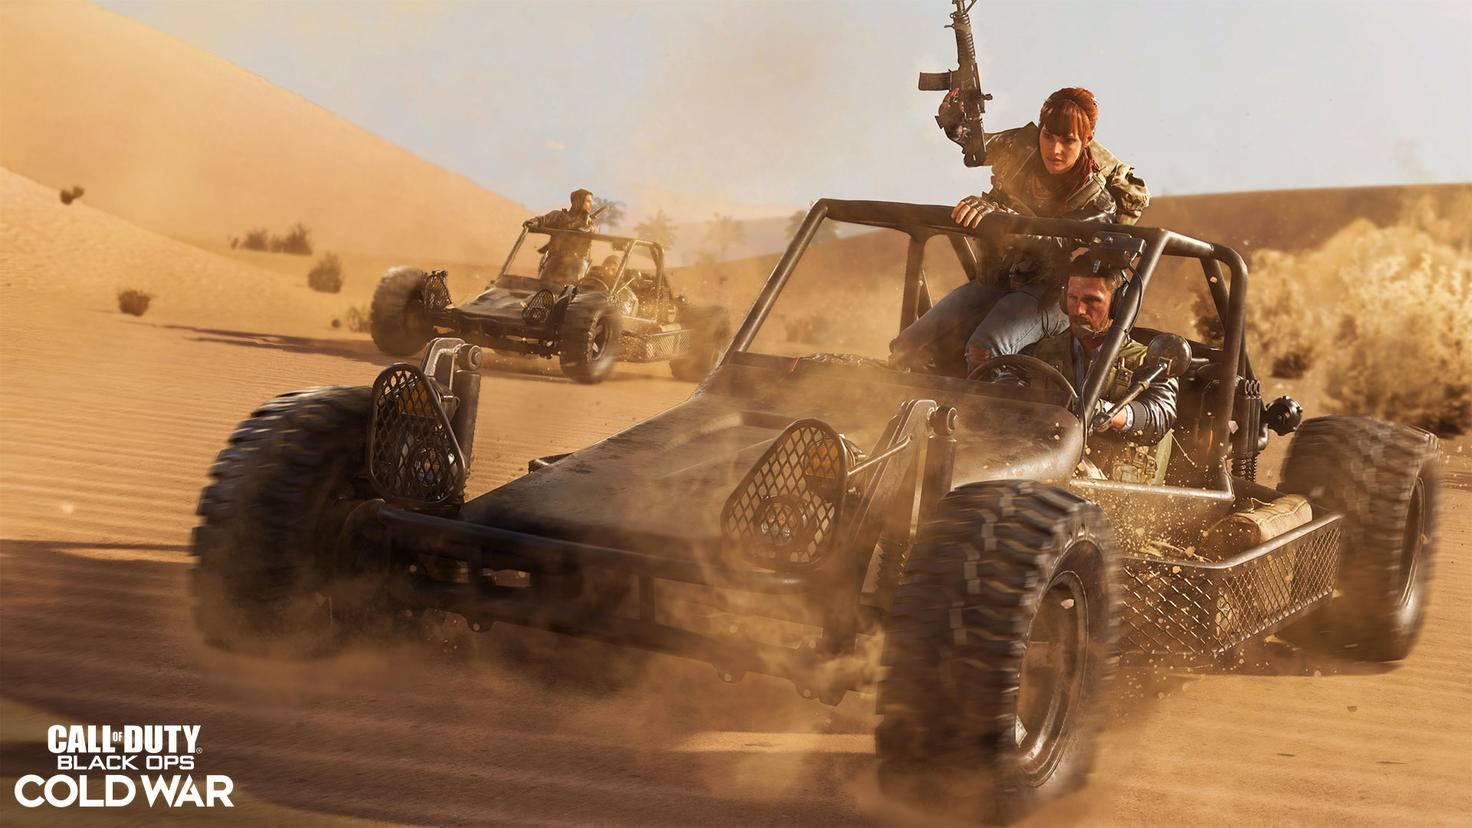 call-of-duty-black-ops-cold-war-fireteam